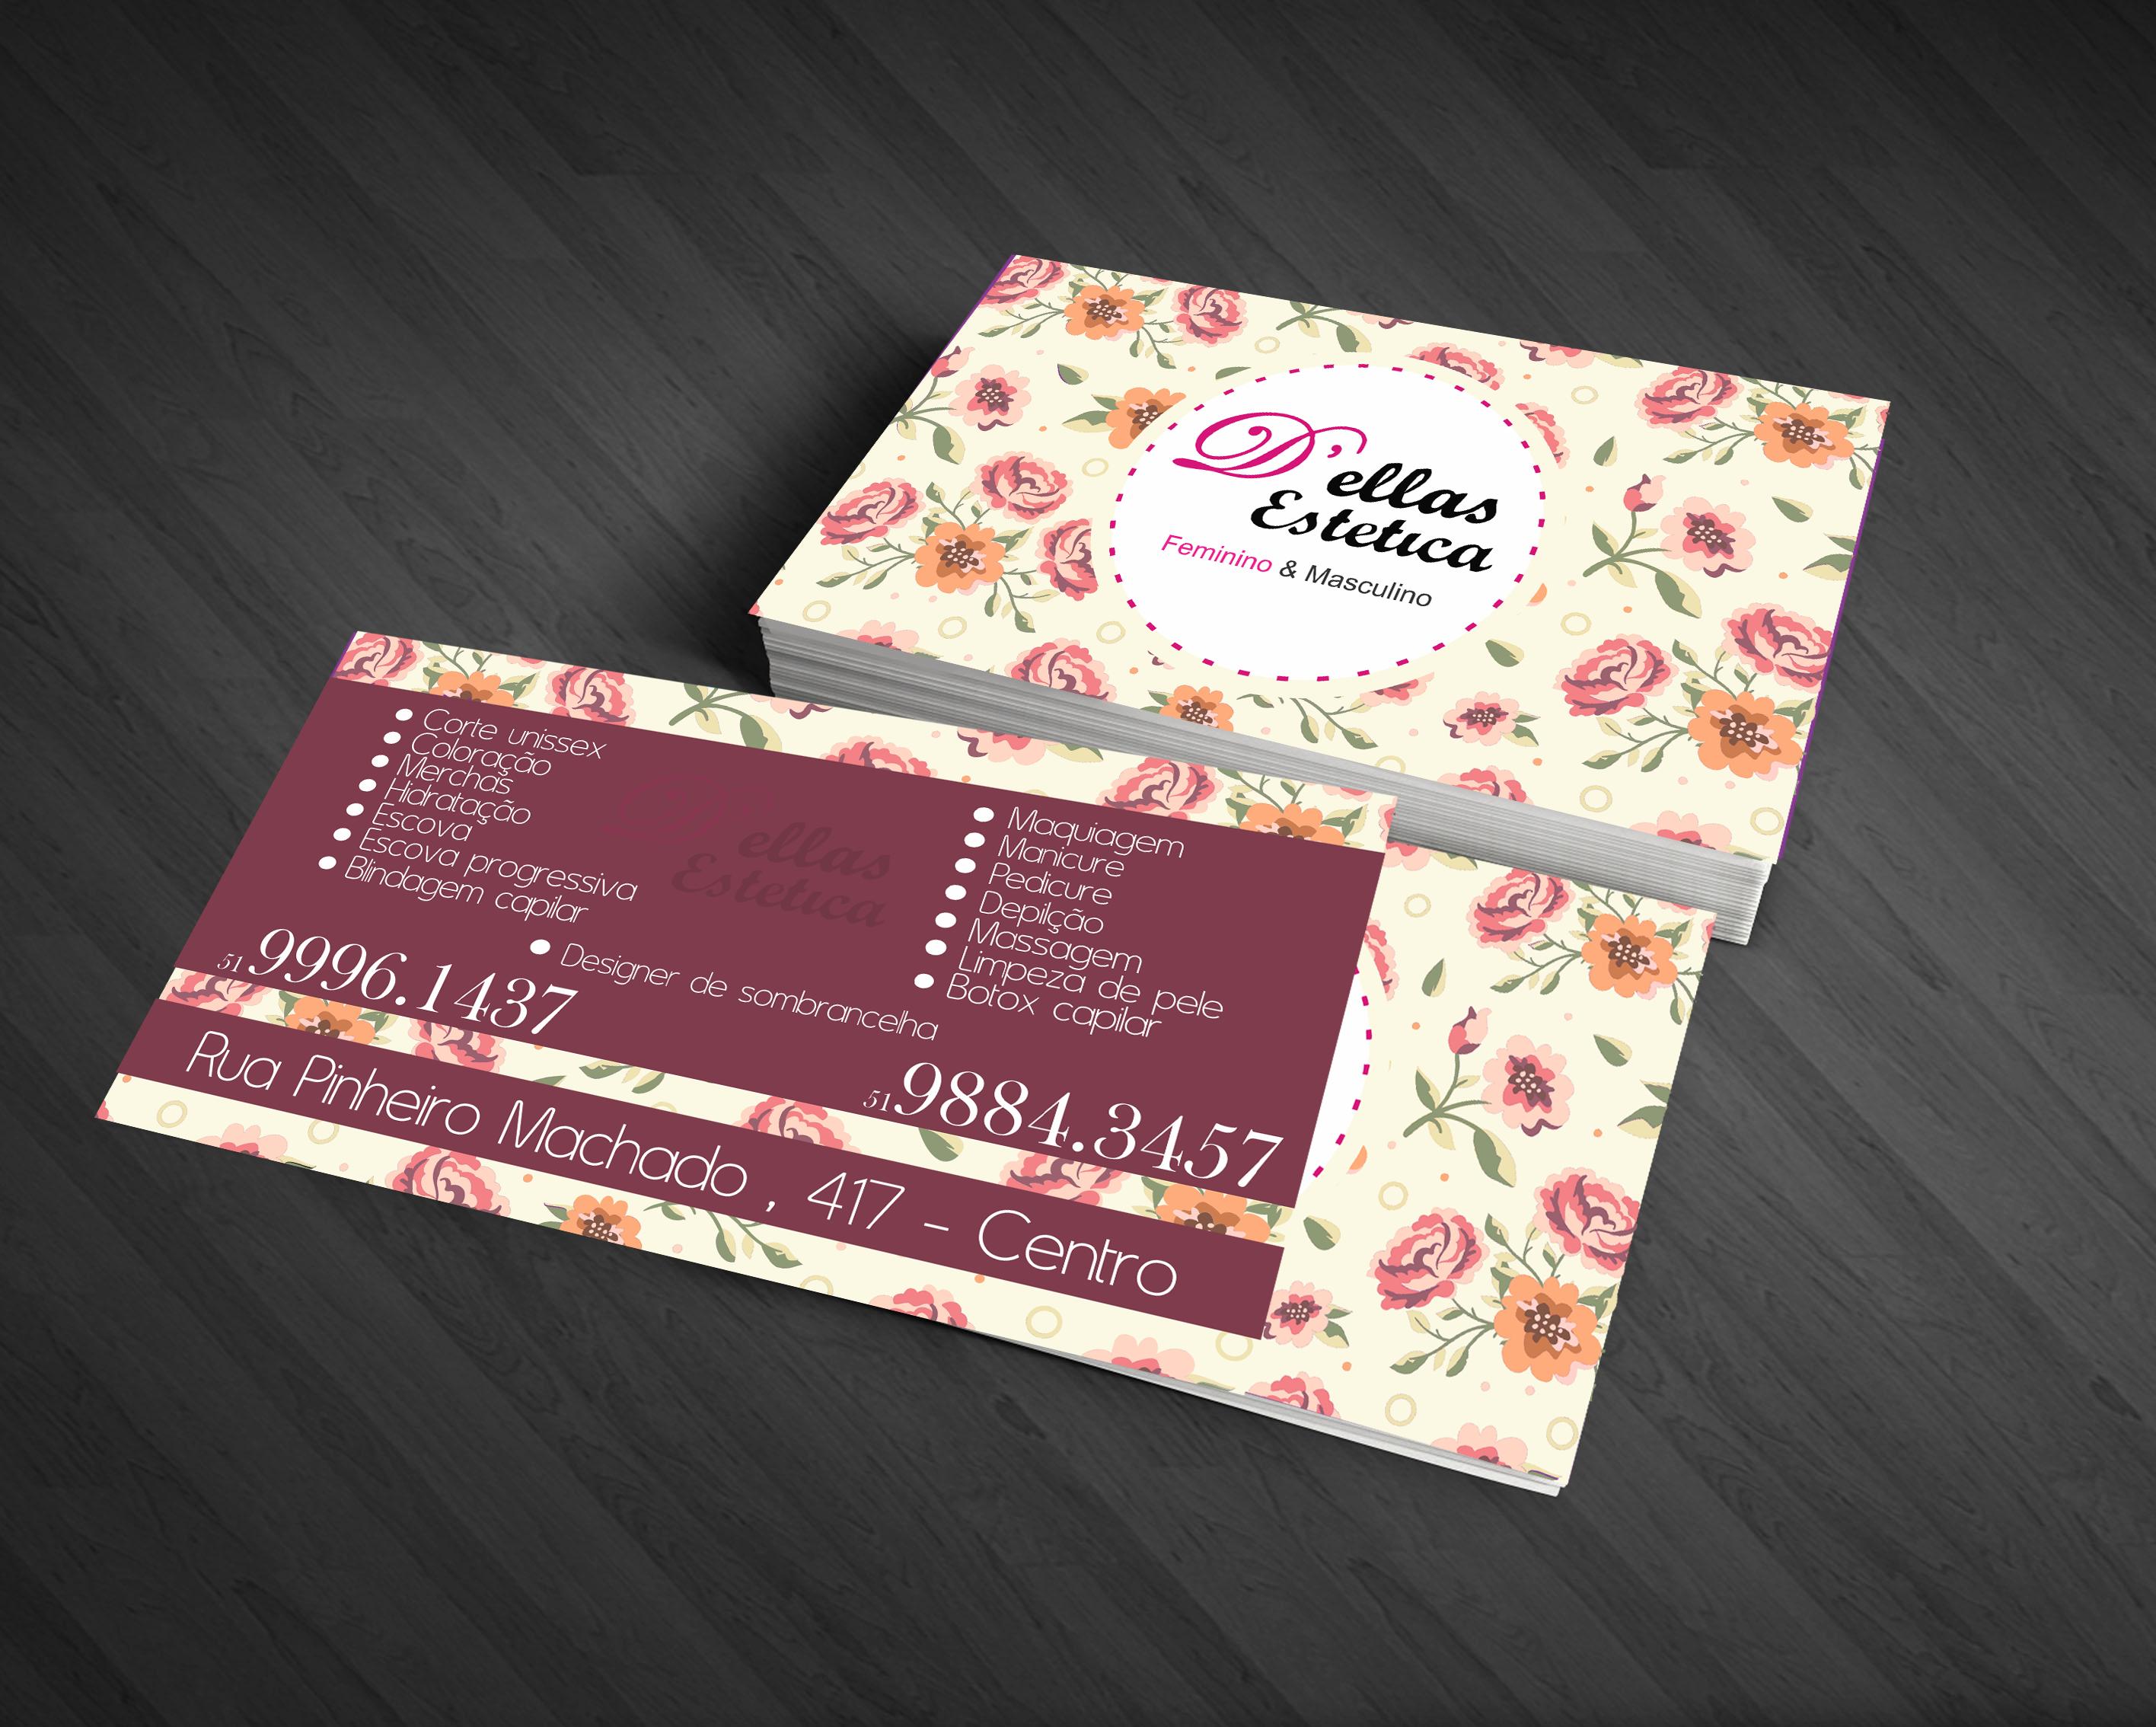 Cartão de visita de nossas amigas e clientes, Maira e Cintia ! D ...